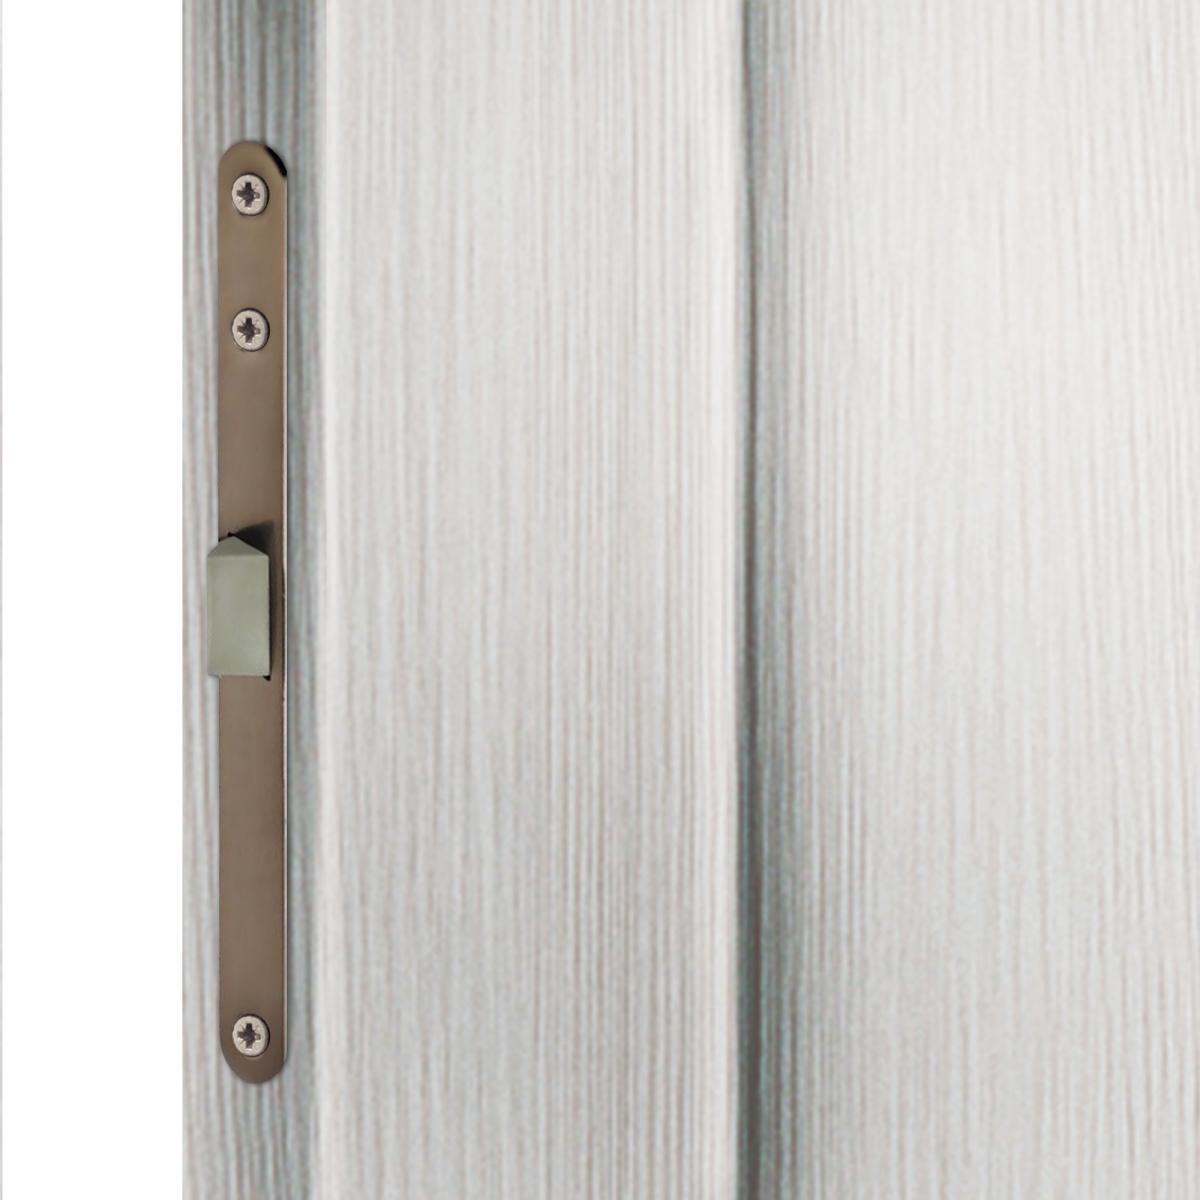 Дверь межкомнатная остеклённая Фортуна 90x200 см ПВХ цвет белый дуб